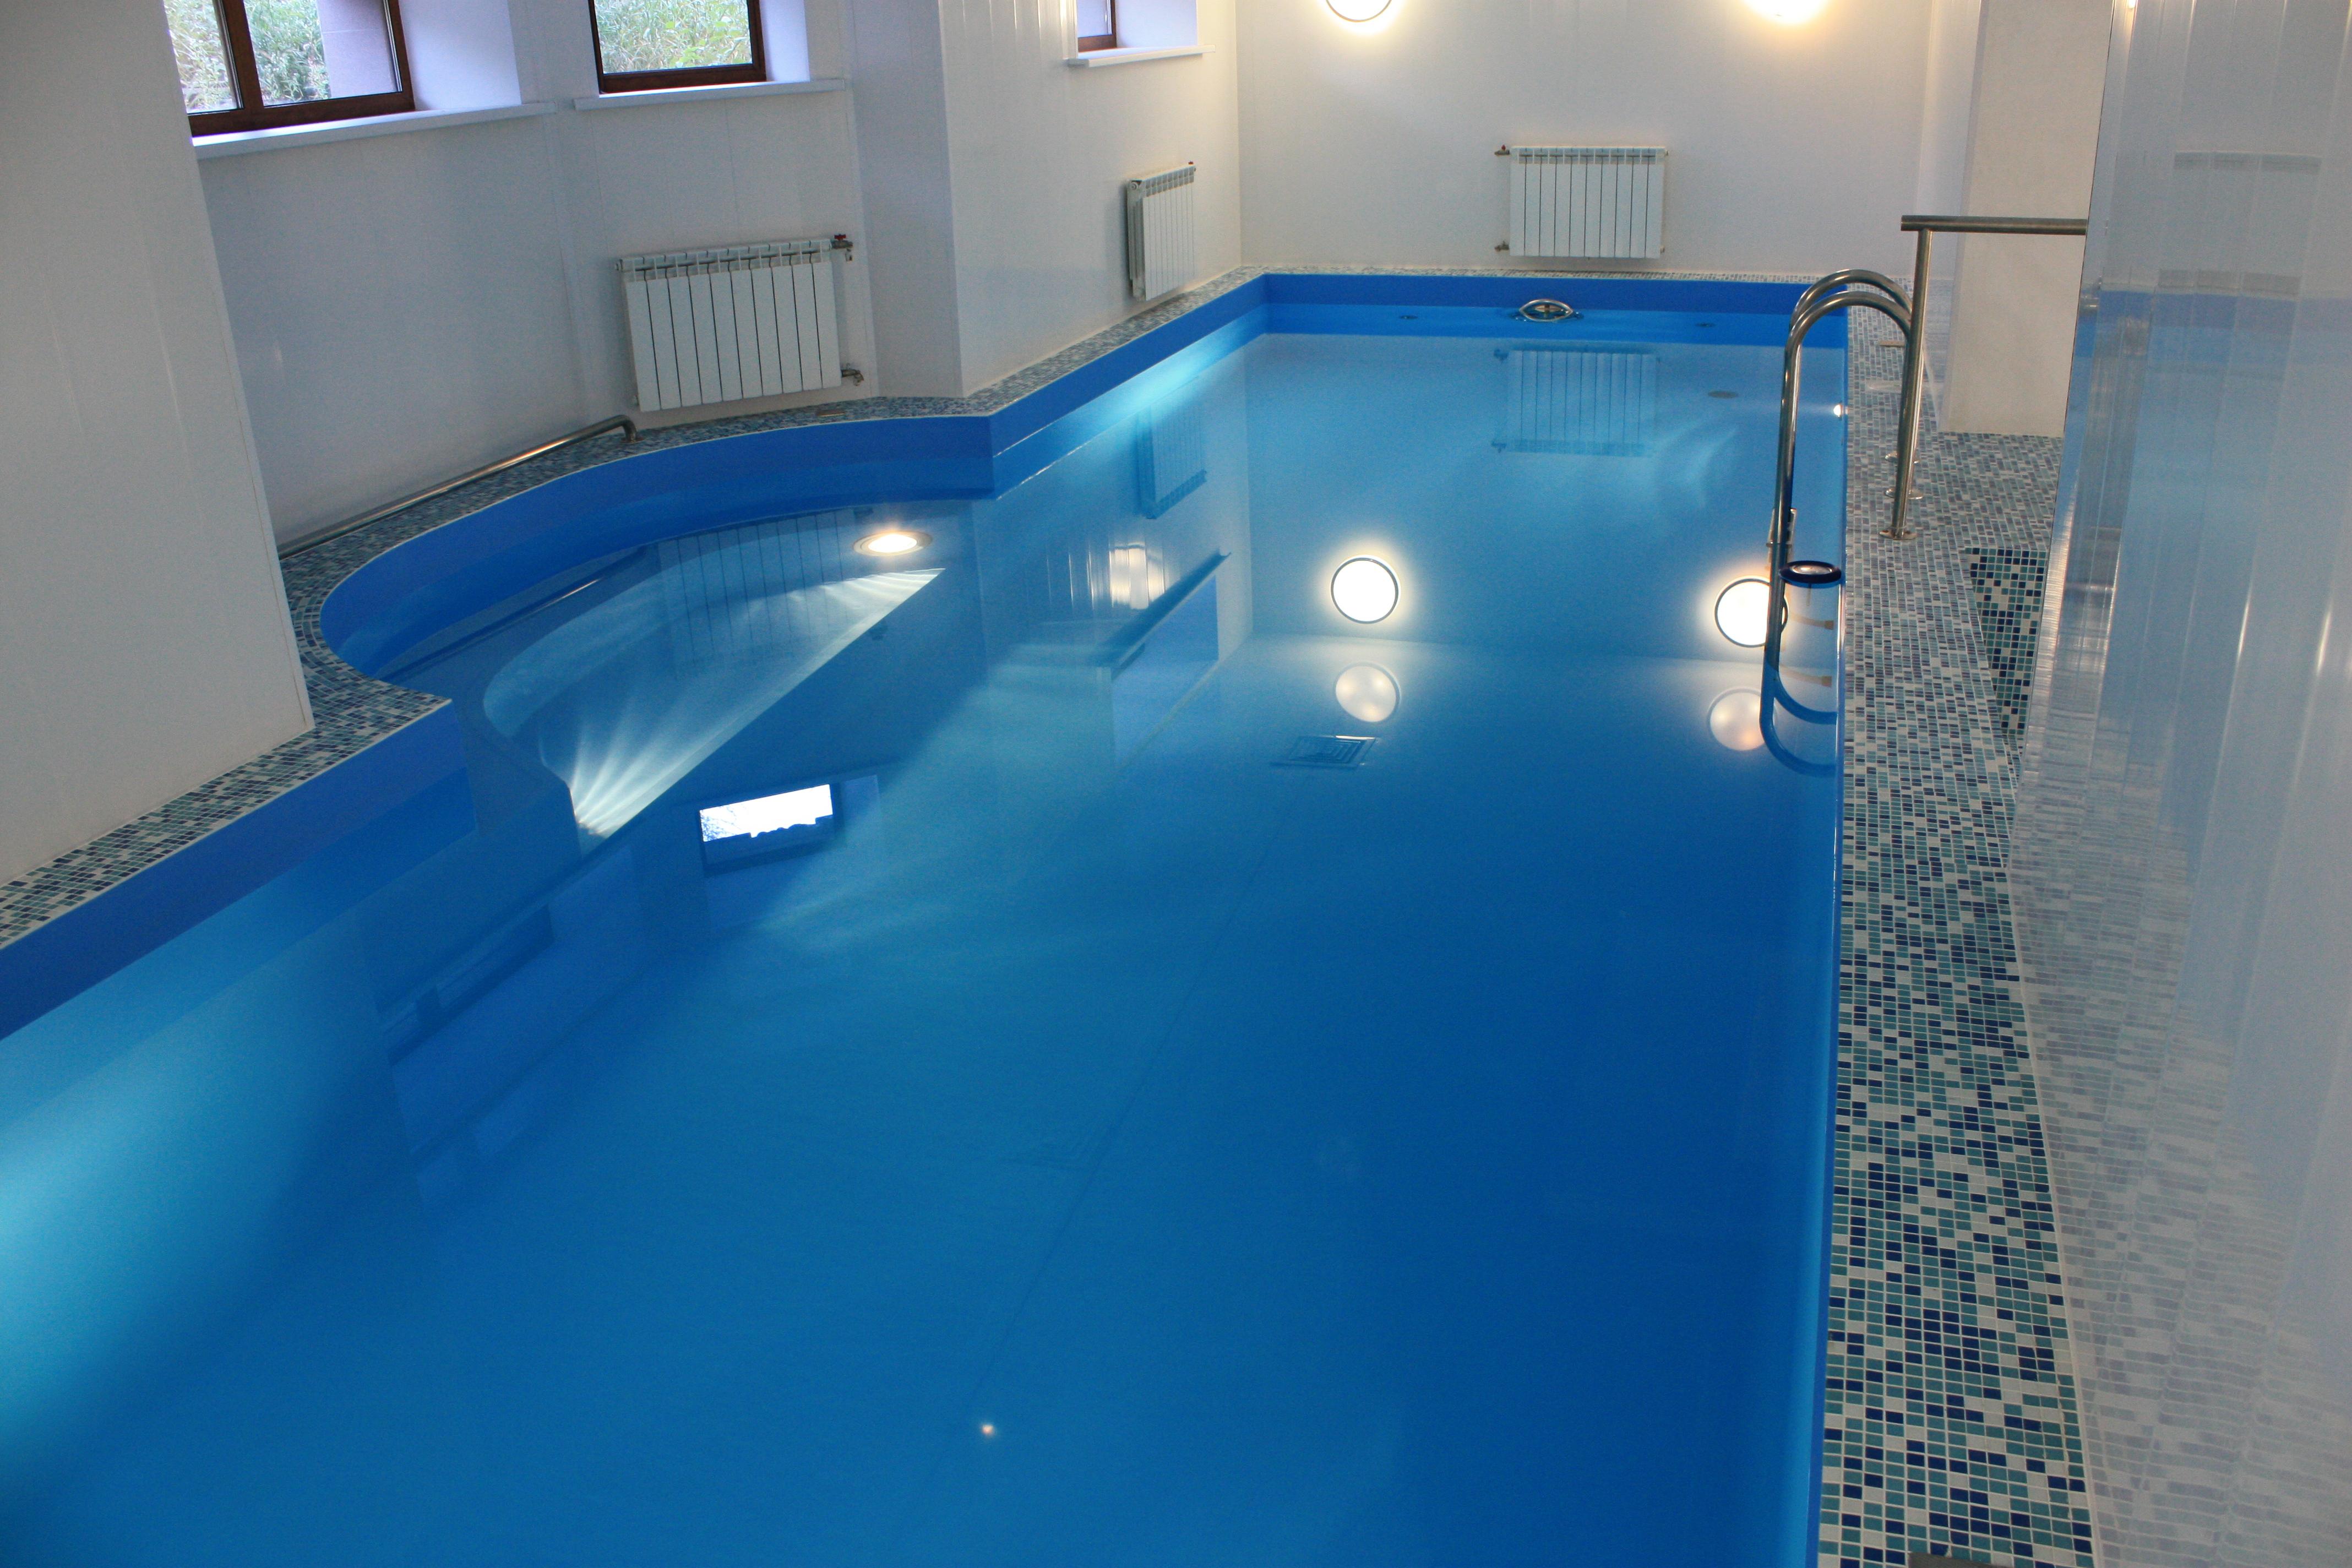 Применение химии для бассейна позволяет очистить воду